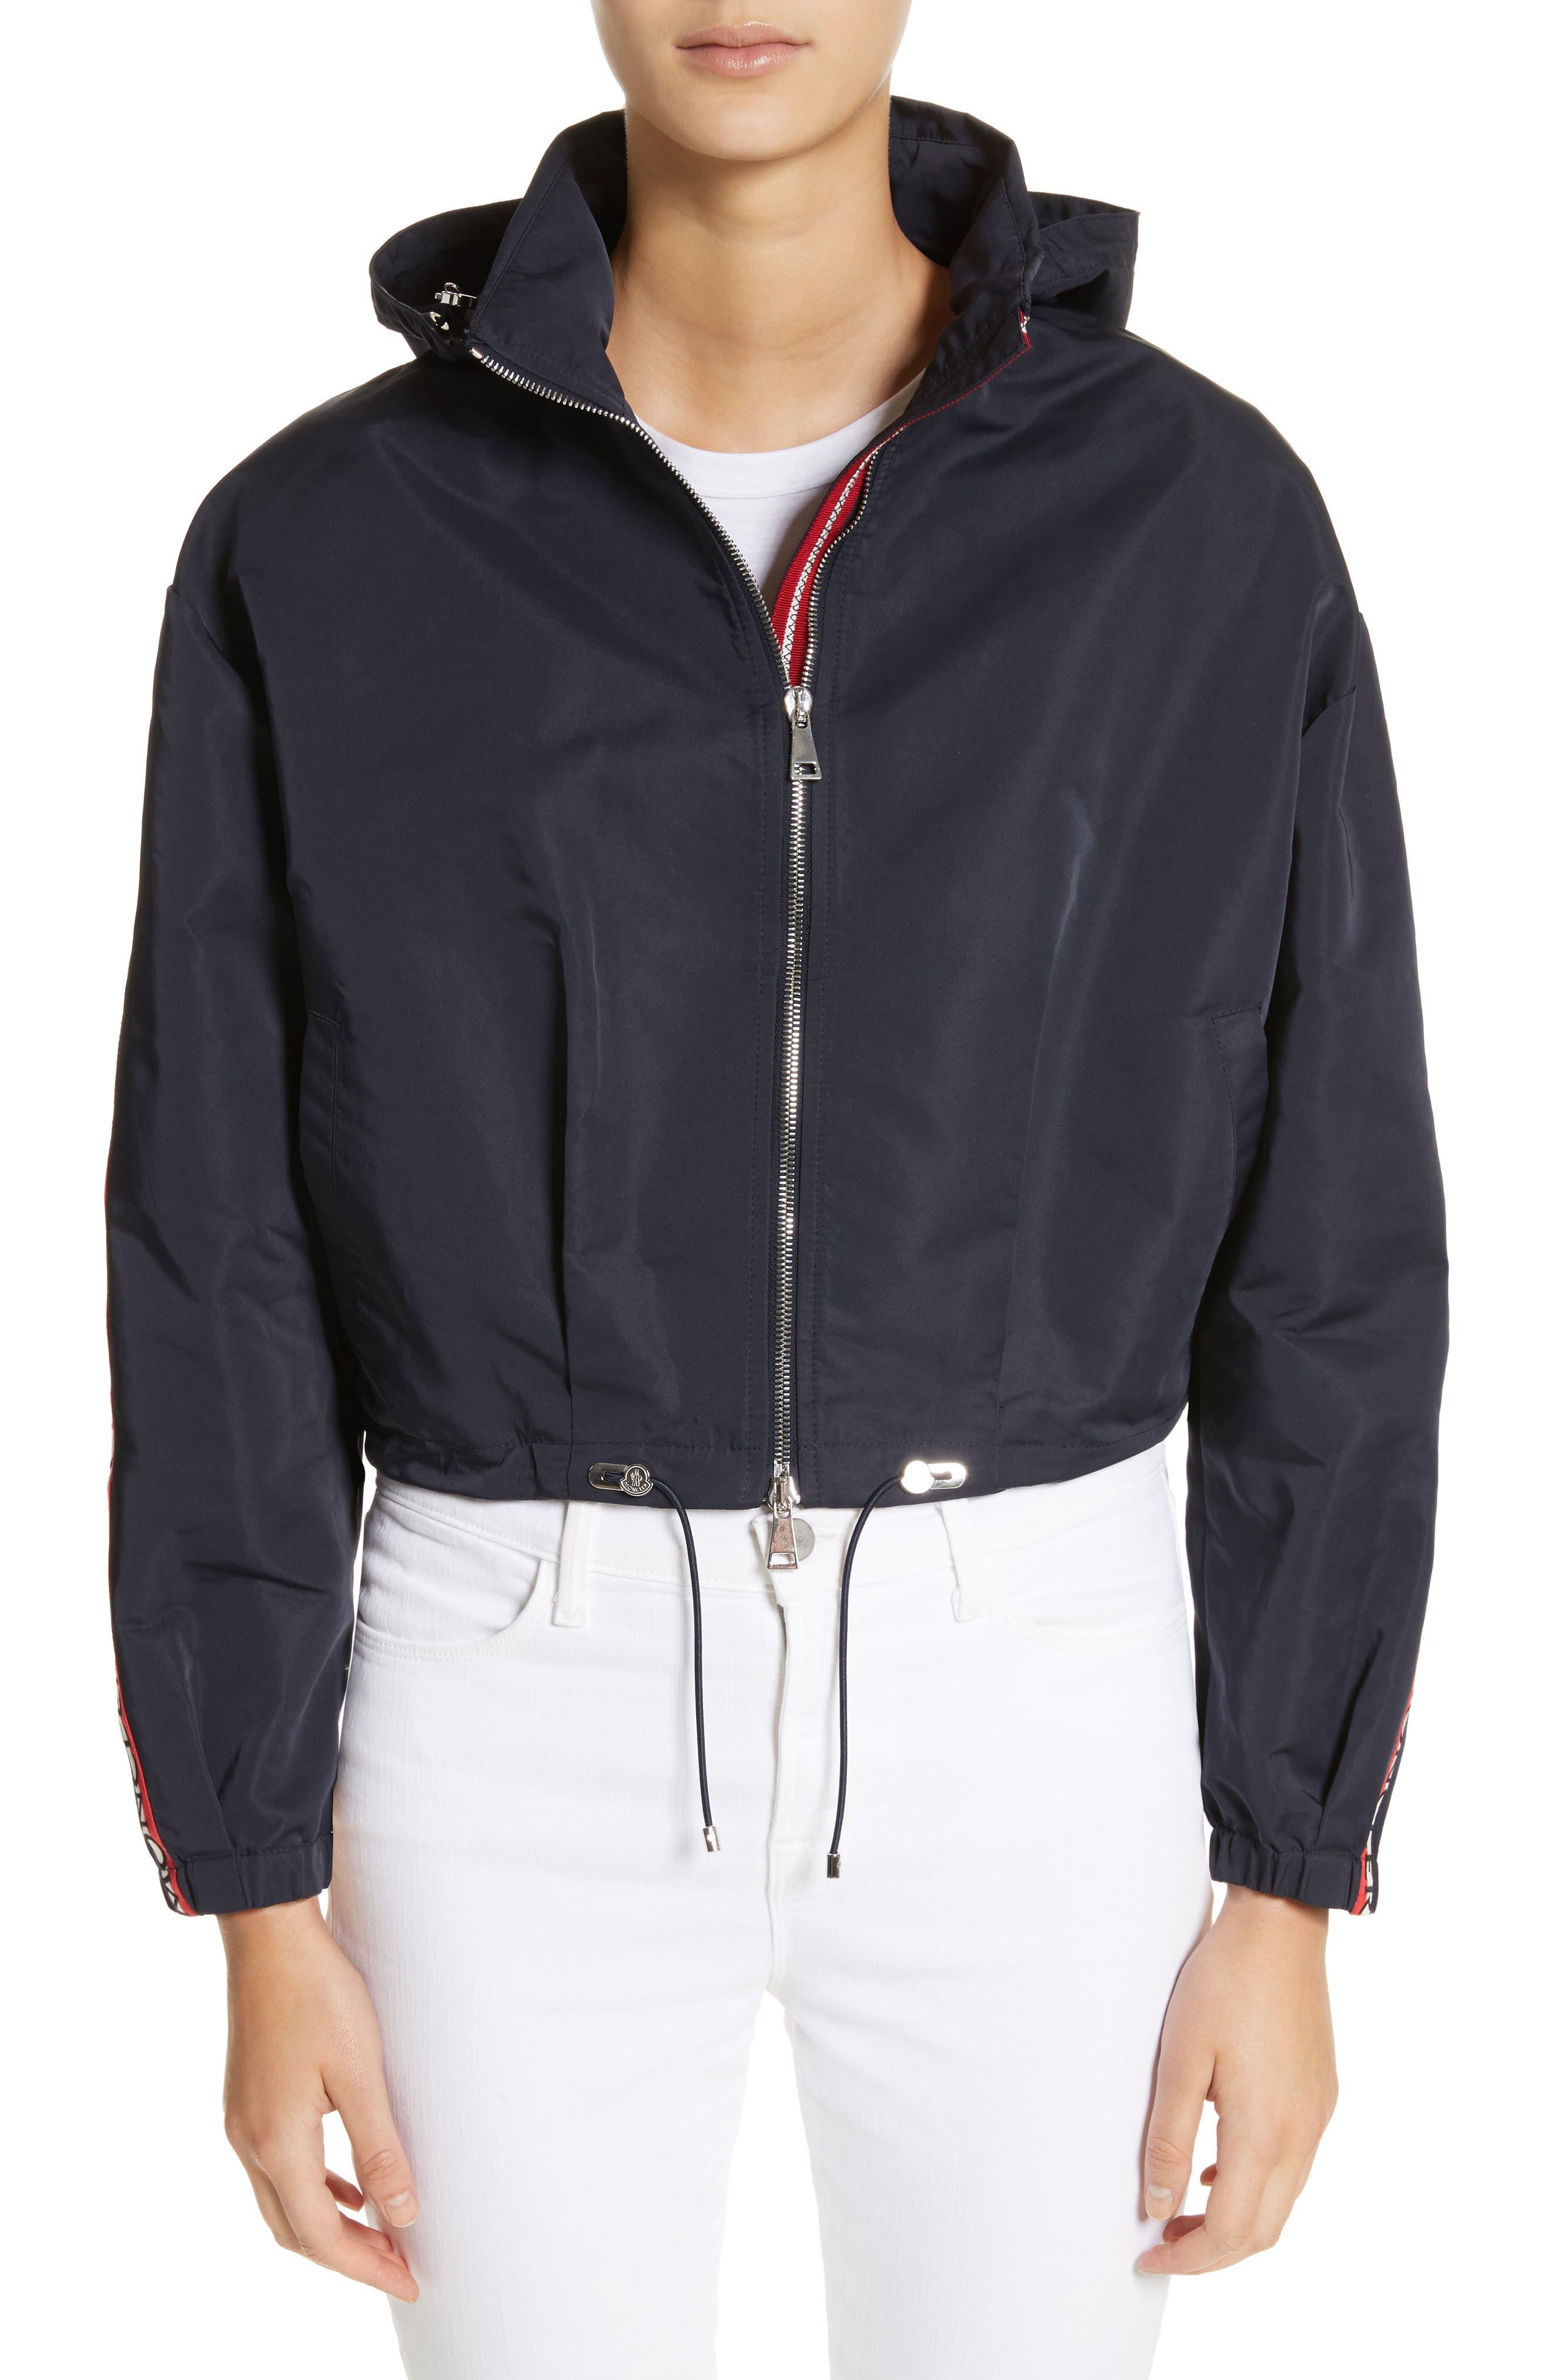 Zirconite Crop Hooded Coat,                         Main,                         color, NAVY